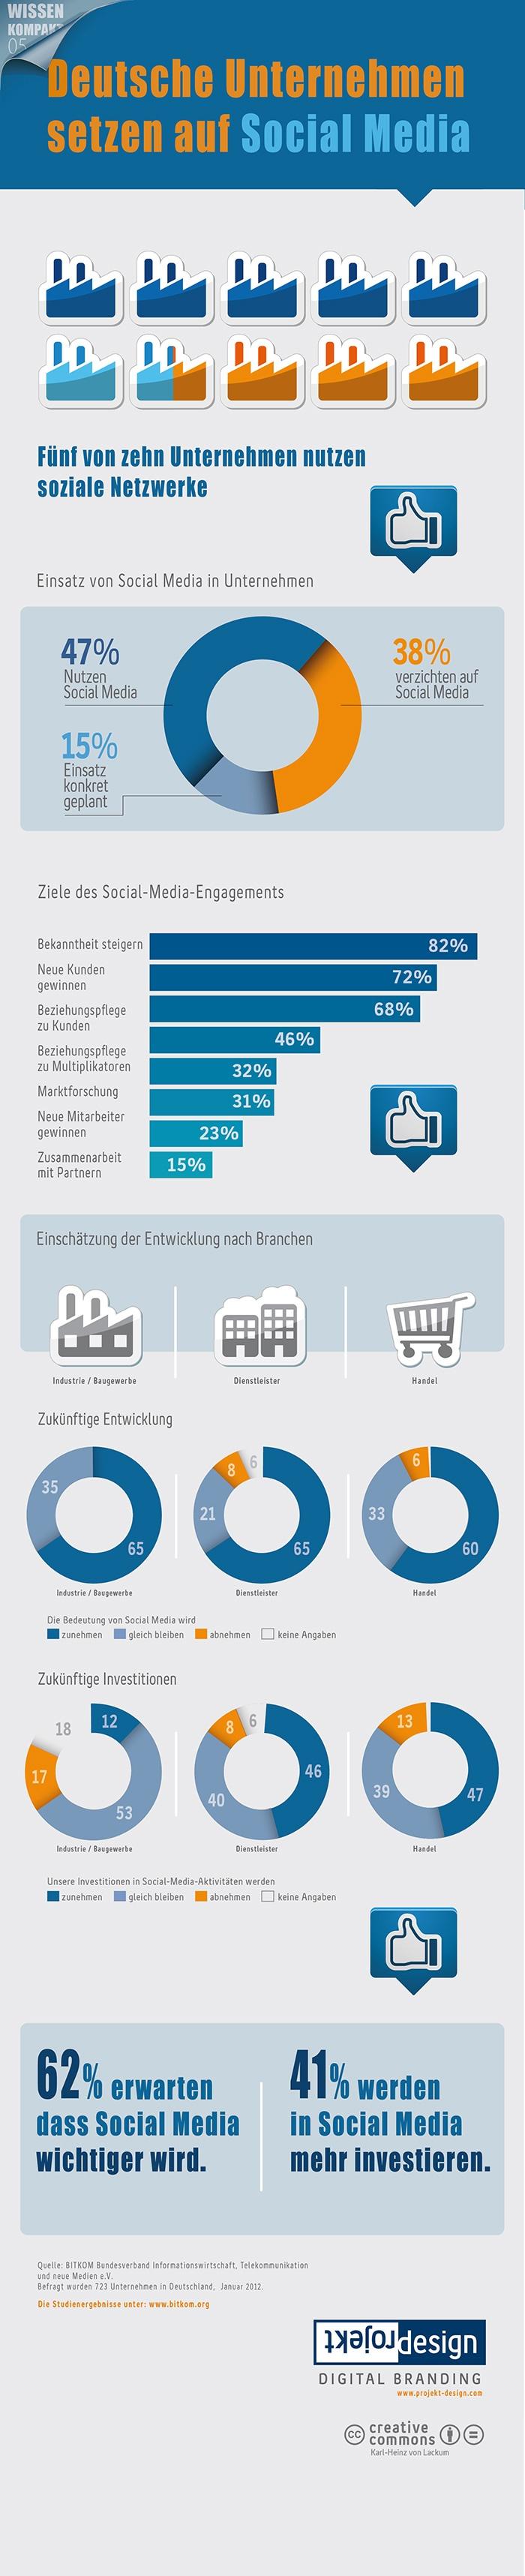 #Infografik: Deutsche Unternehmen setzen auf #Social Media. Nach einer #BITKOM-Studien von 2012.  By Projekt Design Karl-Heinz von Lackum.